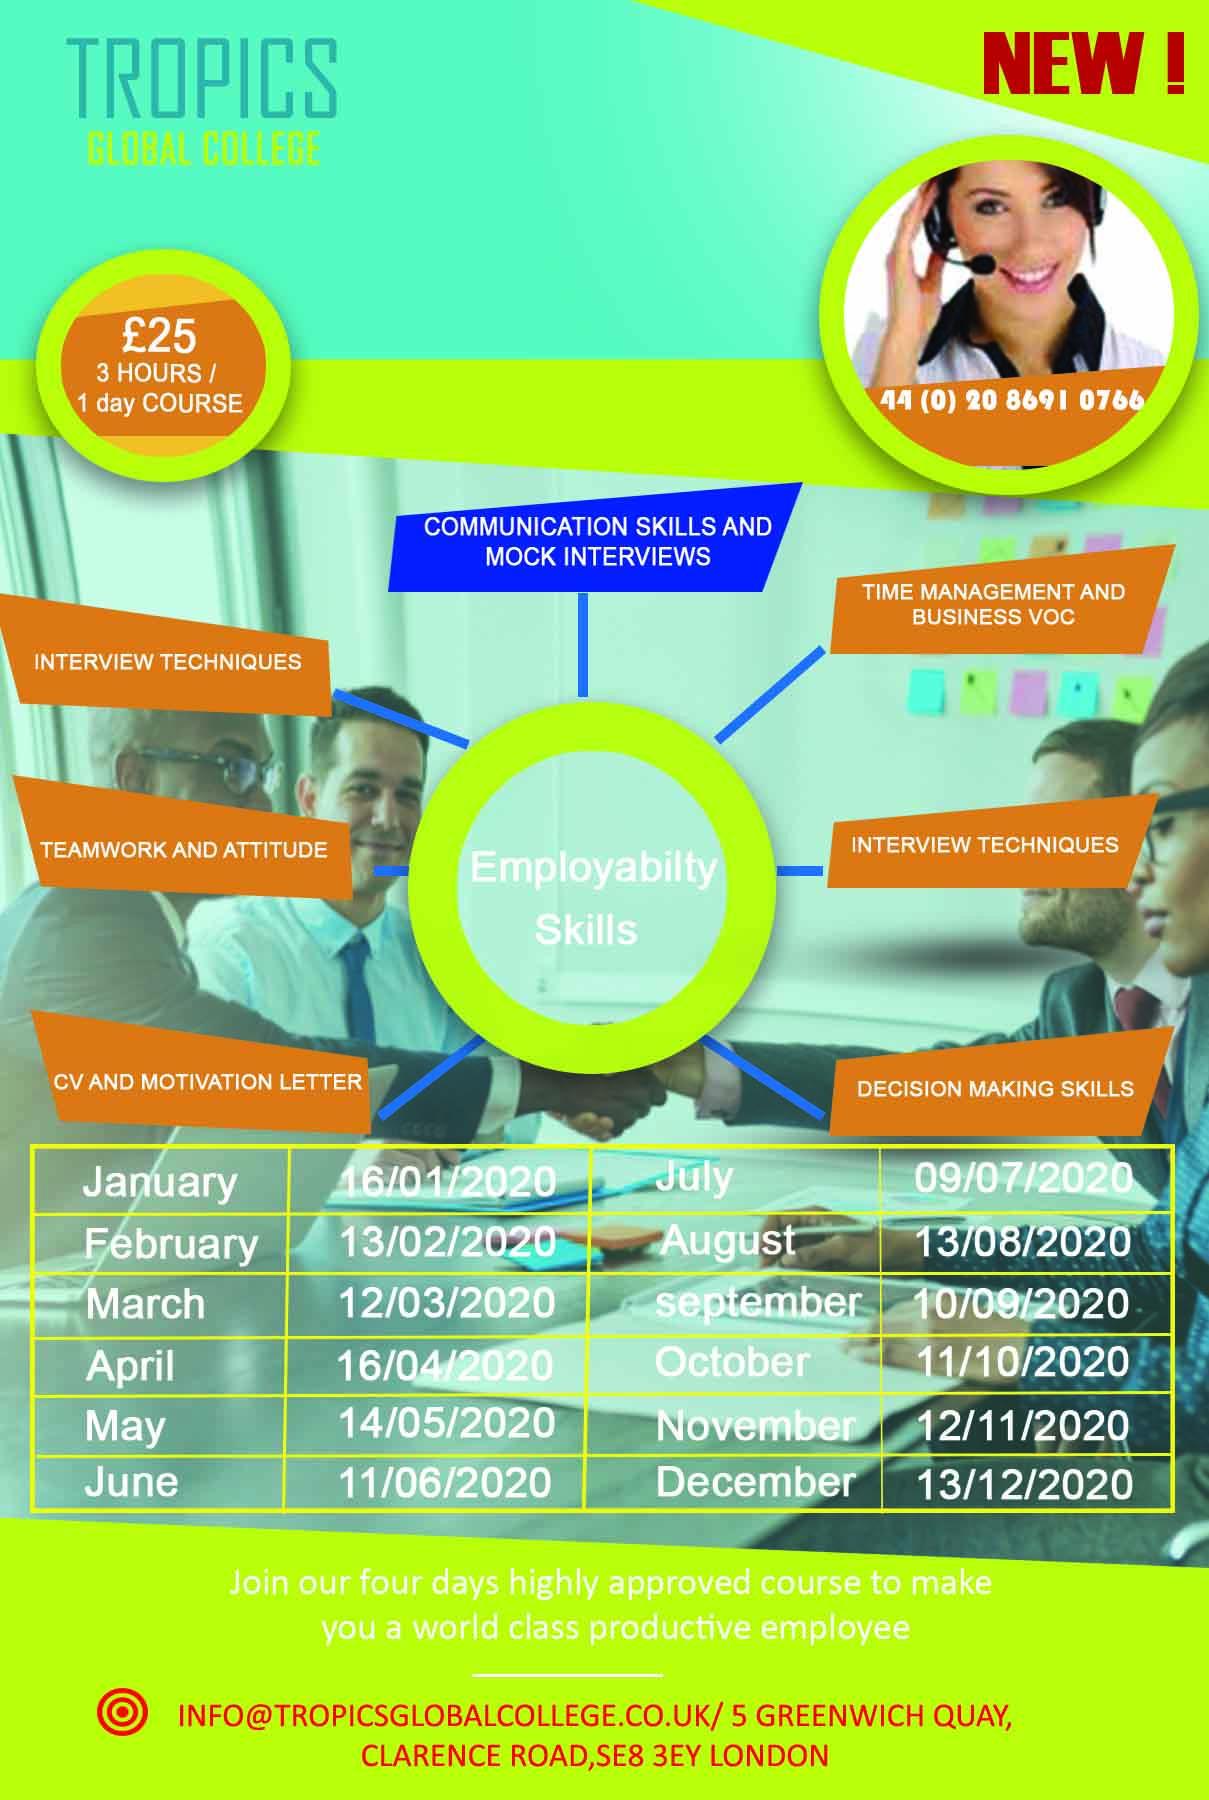 Employability Skills courses